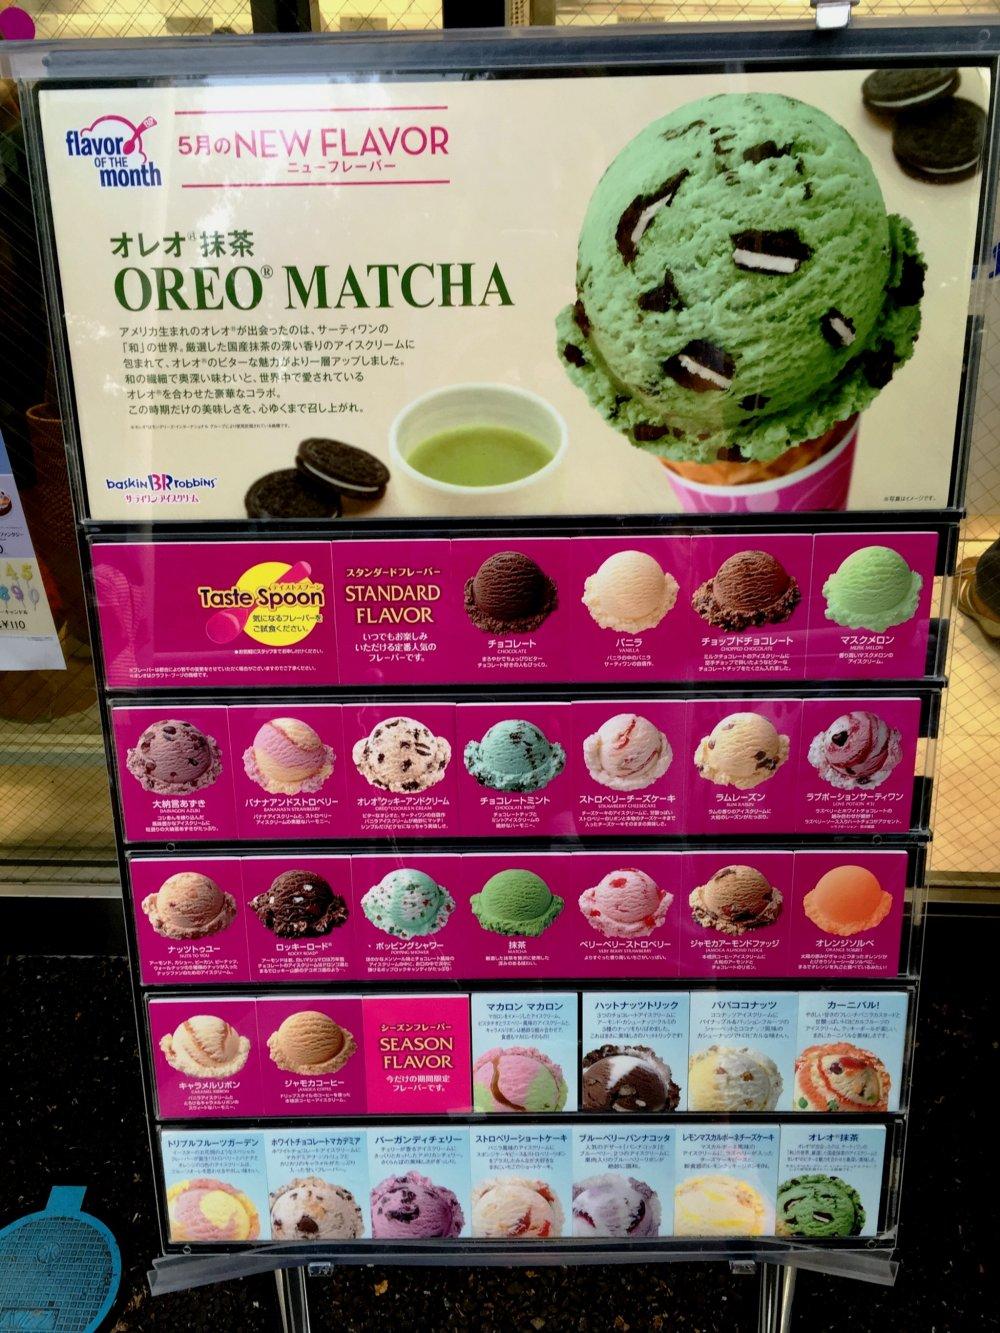 Новый вкус в мае - чай матча и печенье Oreo